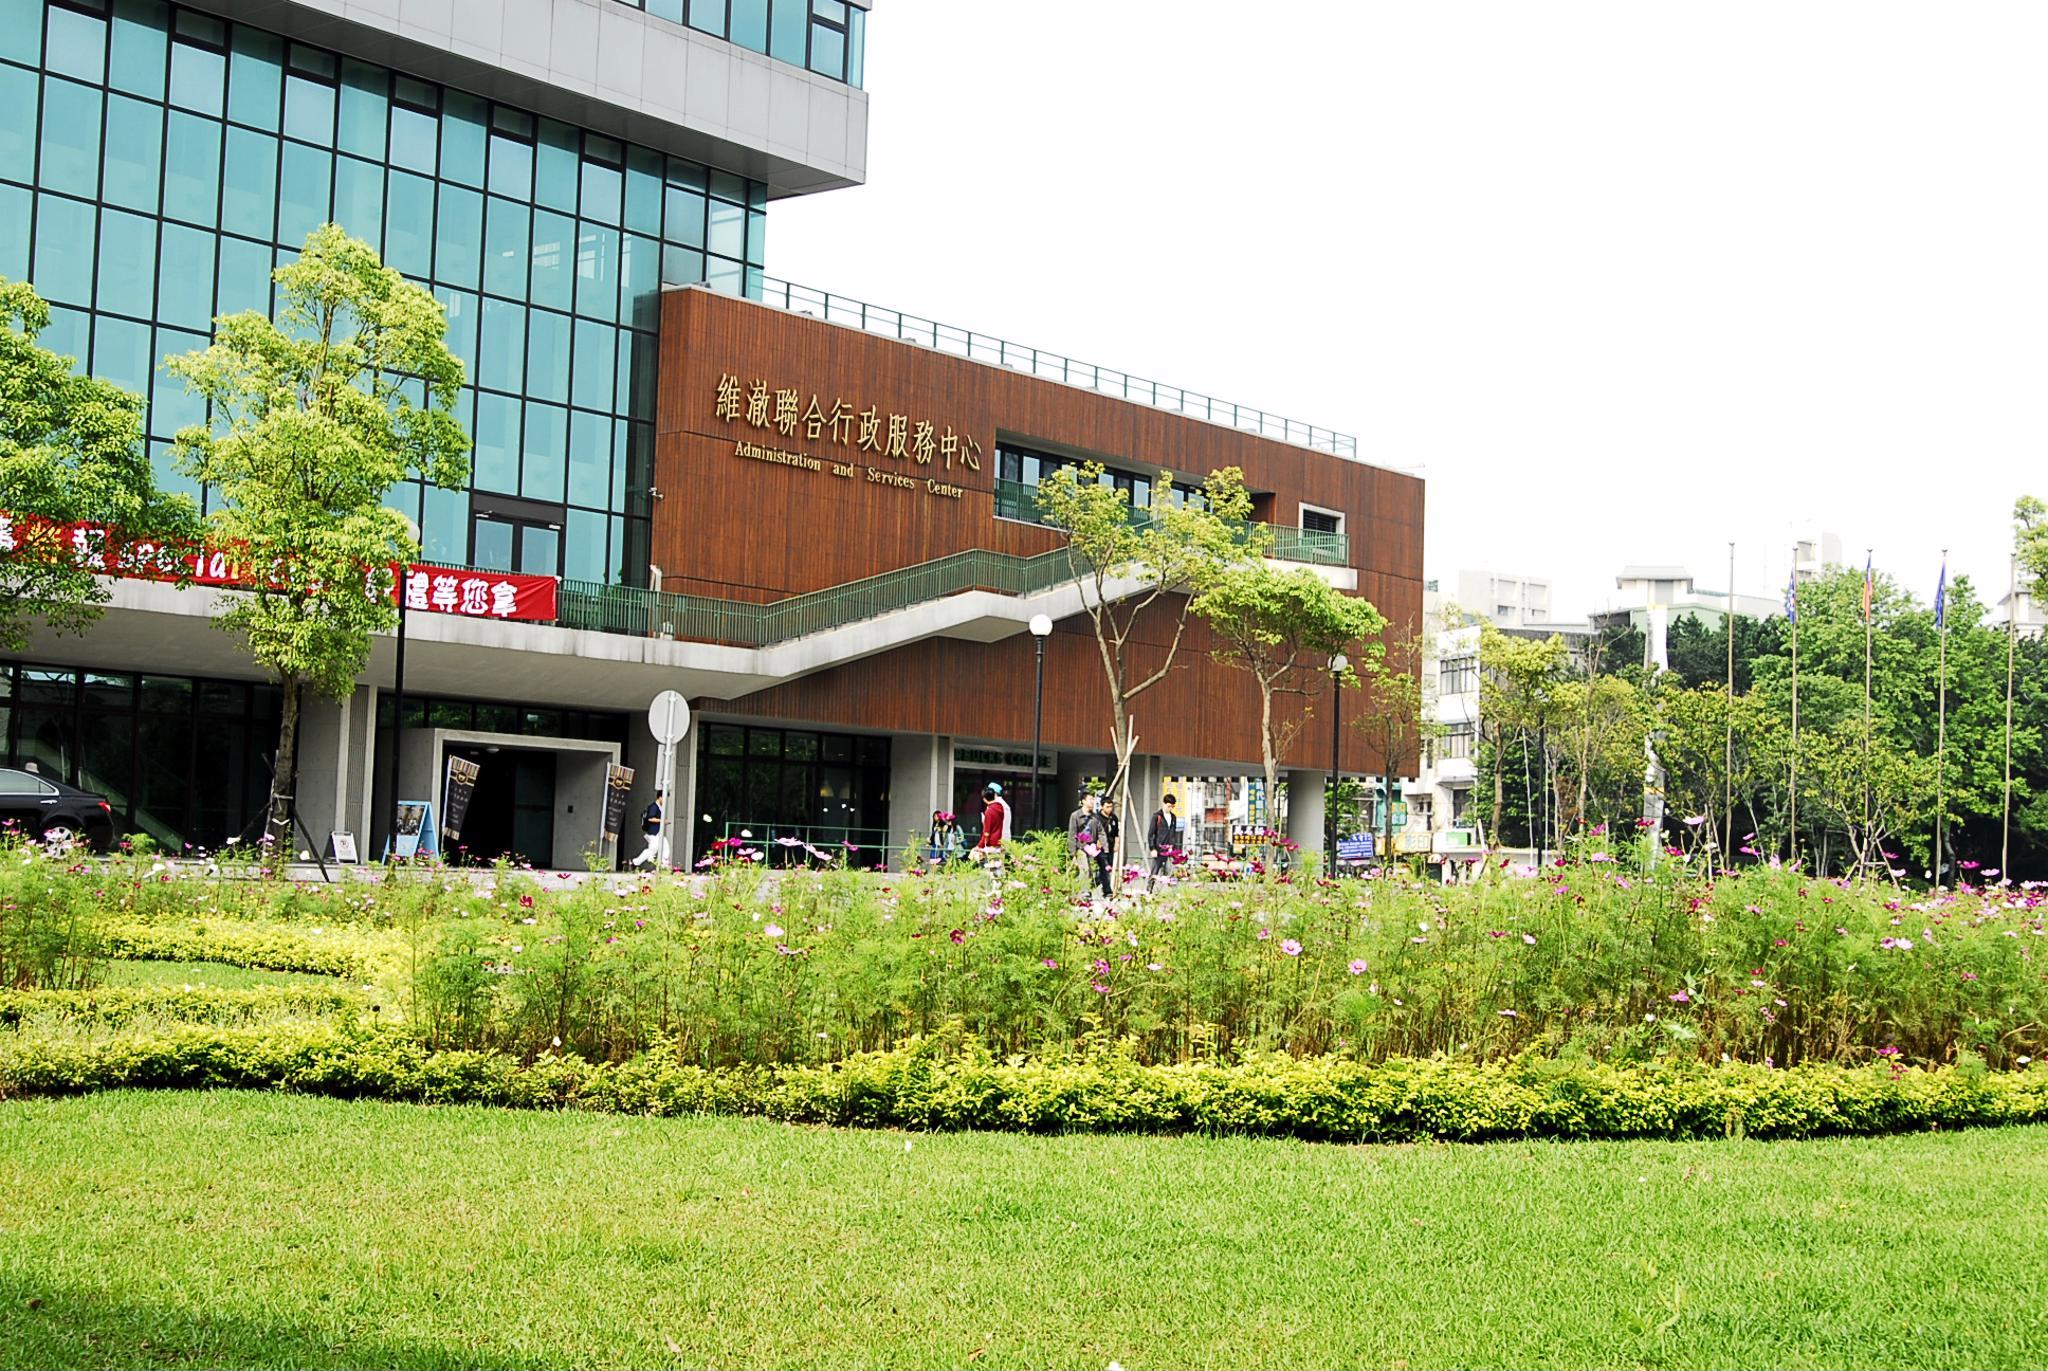 賀!中原大學躋身全球前一千名大學 全台第9 私立綜合大學第1名